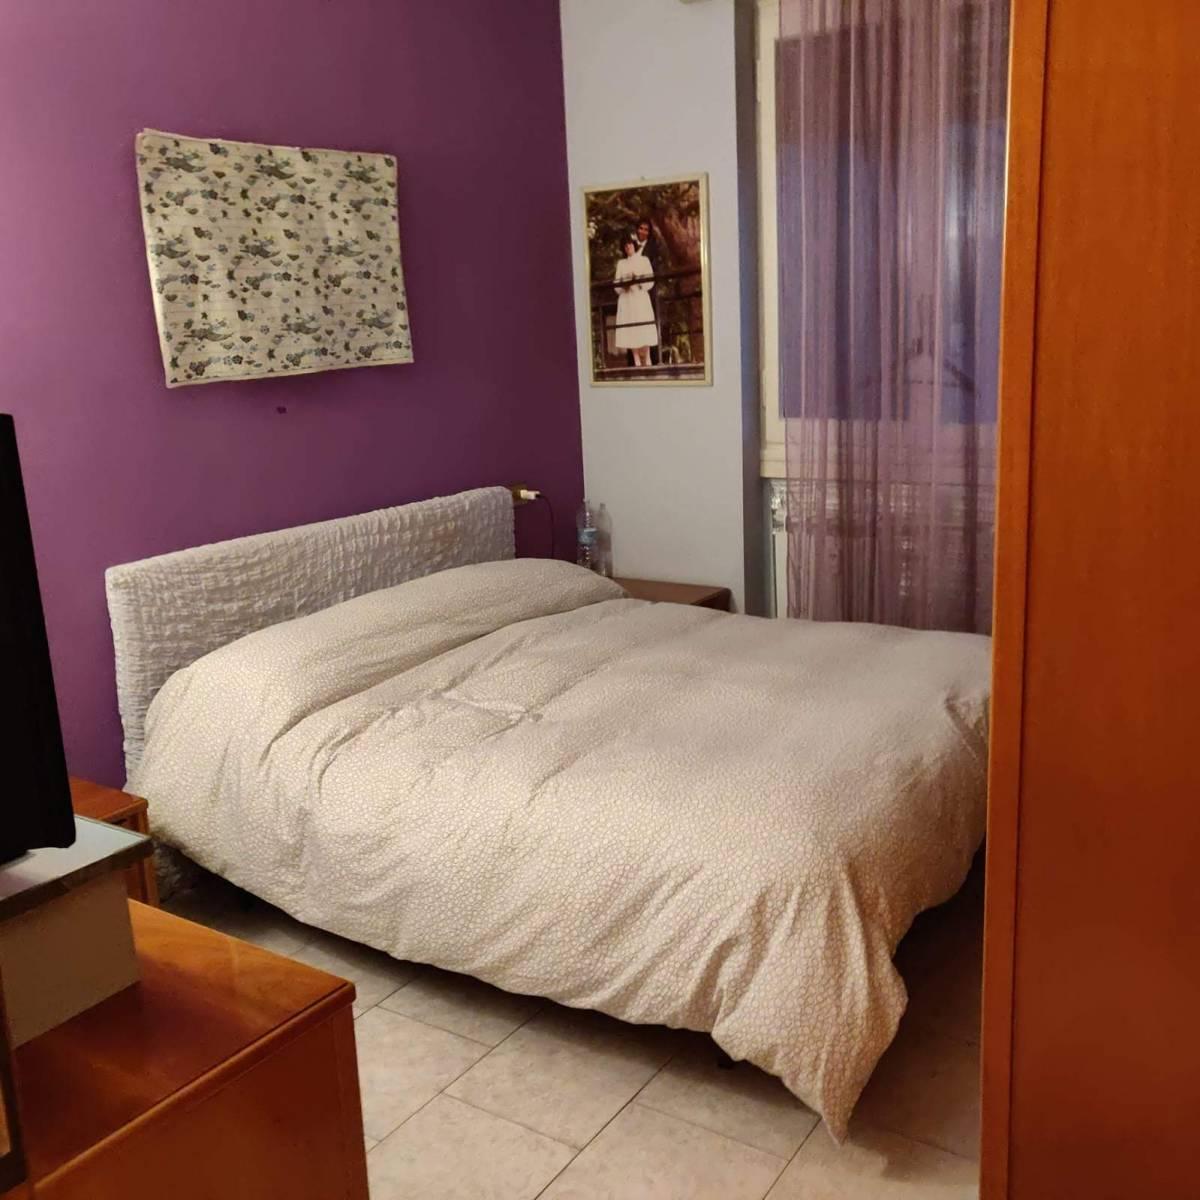 appartamento-in-vendita-milano-quinto-romano-via-novara-2-locali-bilocale-spaziourbano-immobiliare-vende-3